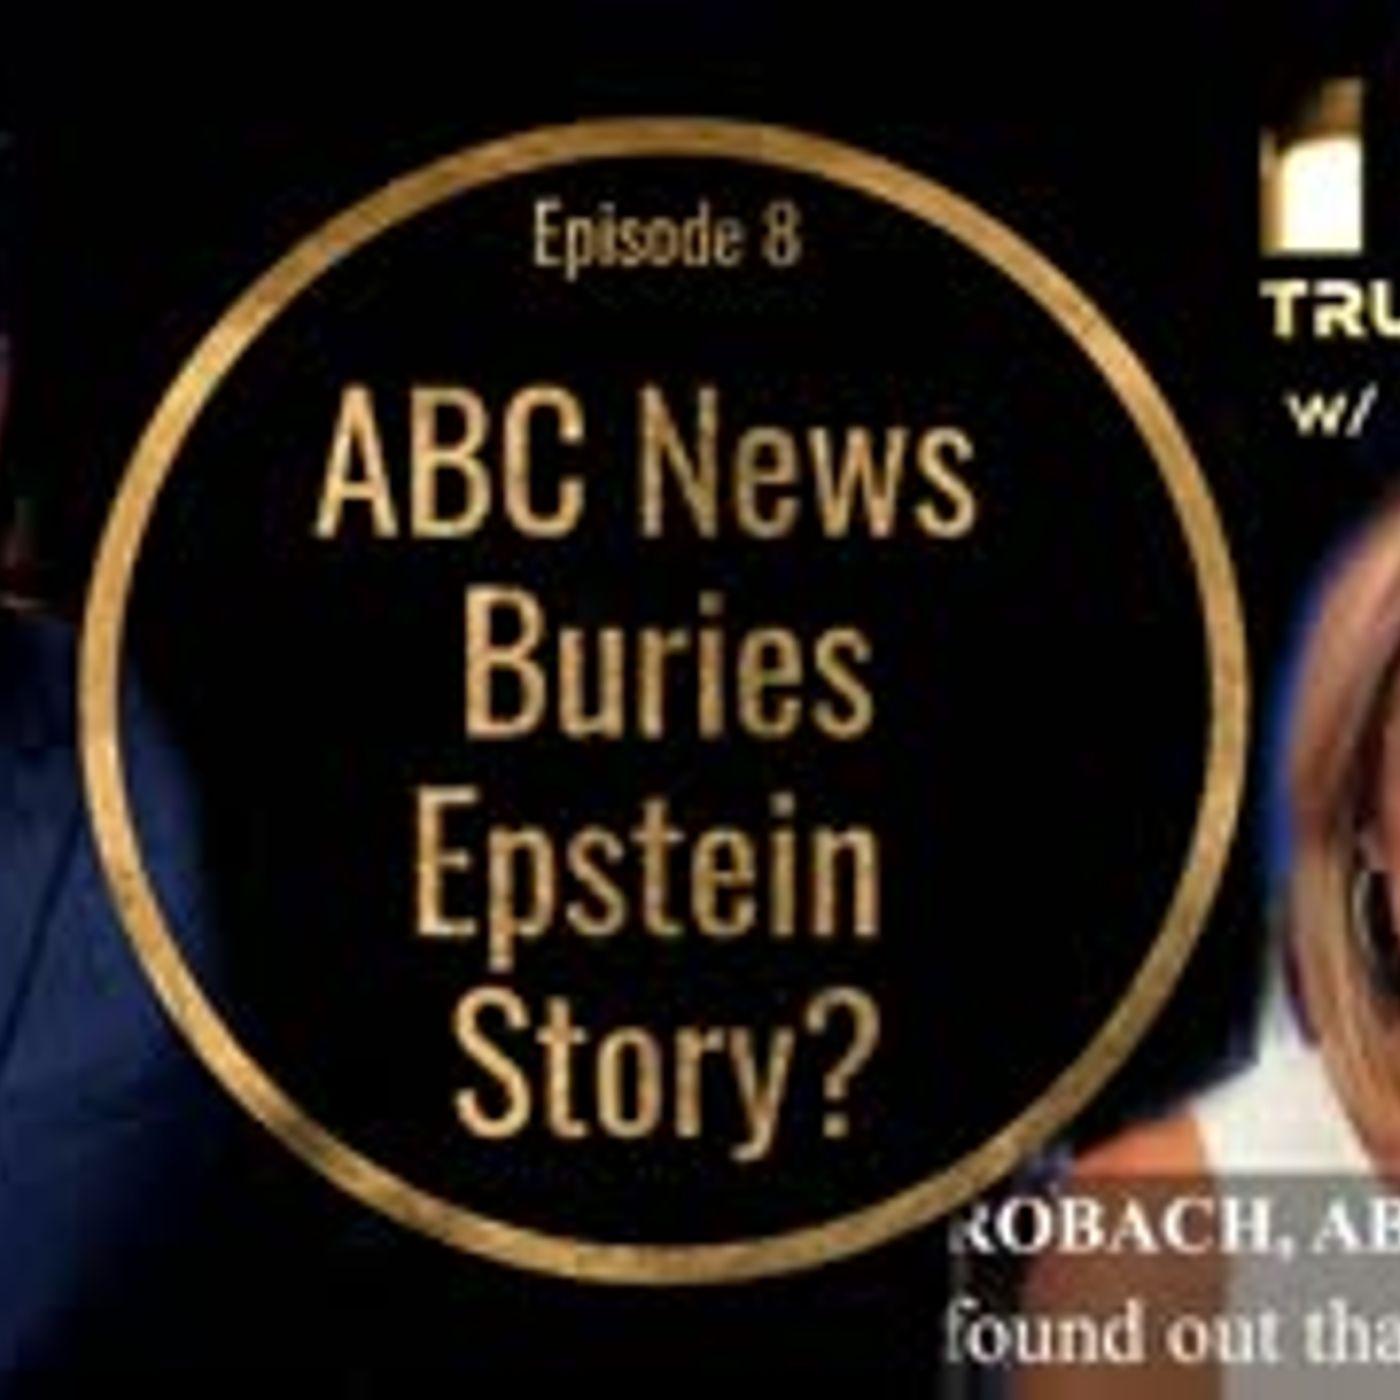 ABC News Buried Epstein Story